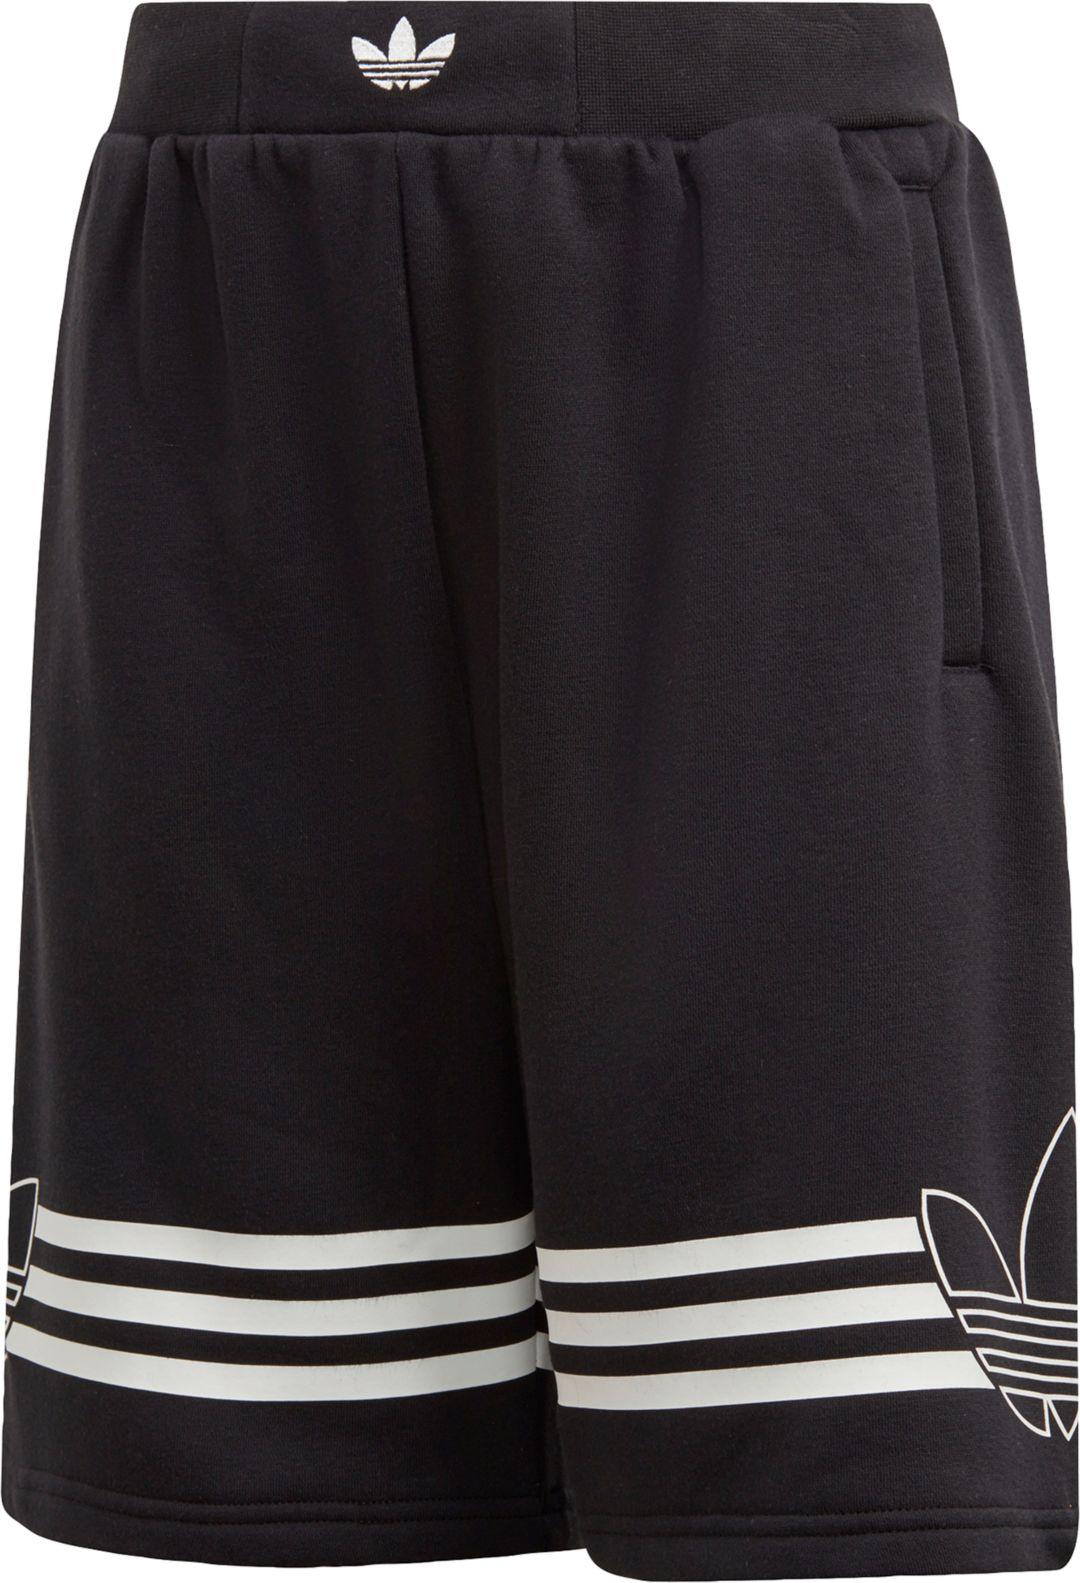 65a1a42f19 adidas Originals Boys' Outline Shorts. noImageFound. Previous